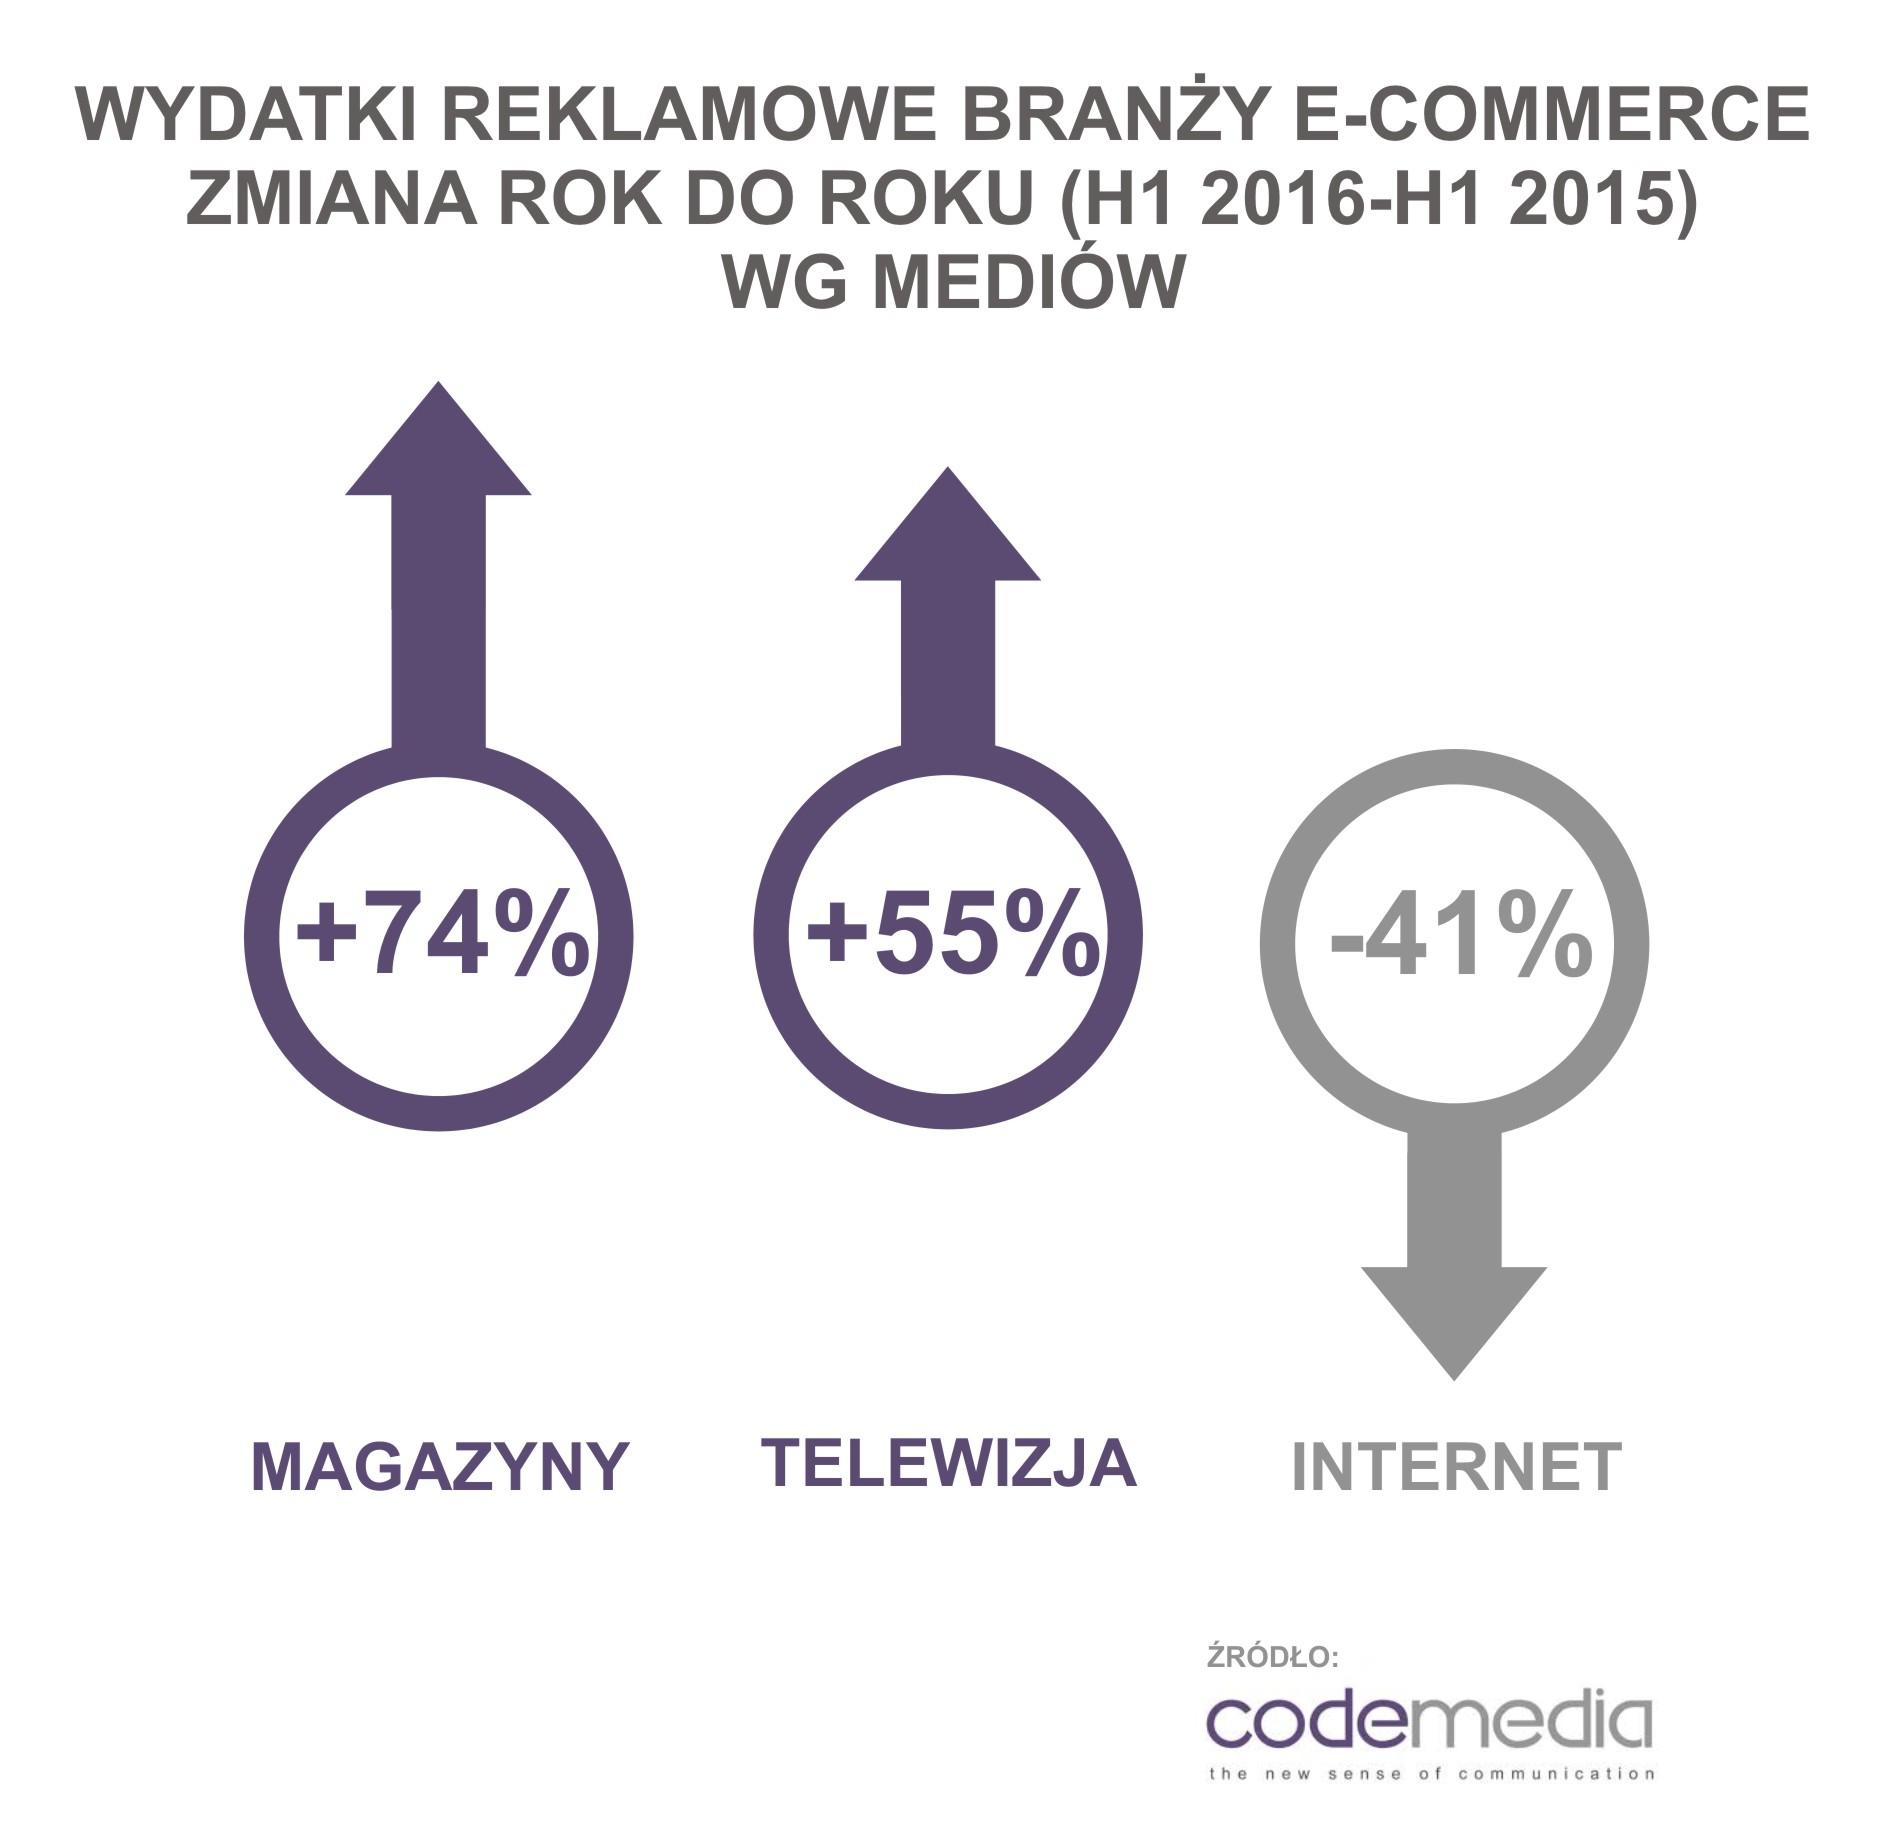 codemedia_wydatki_reklamowe_zmiana_rok_do_roku